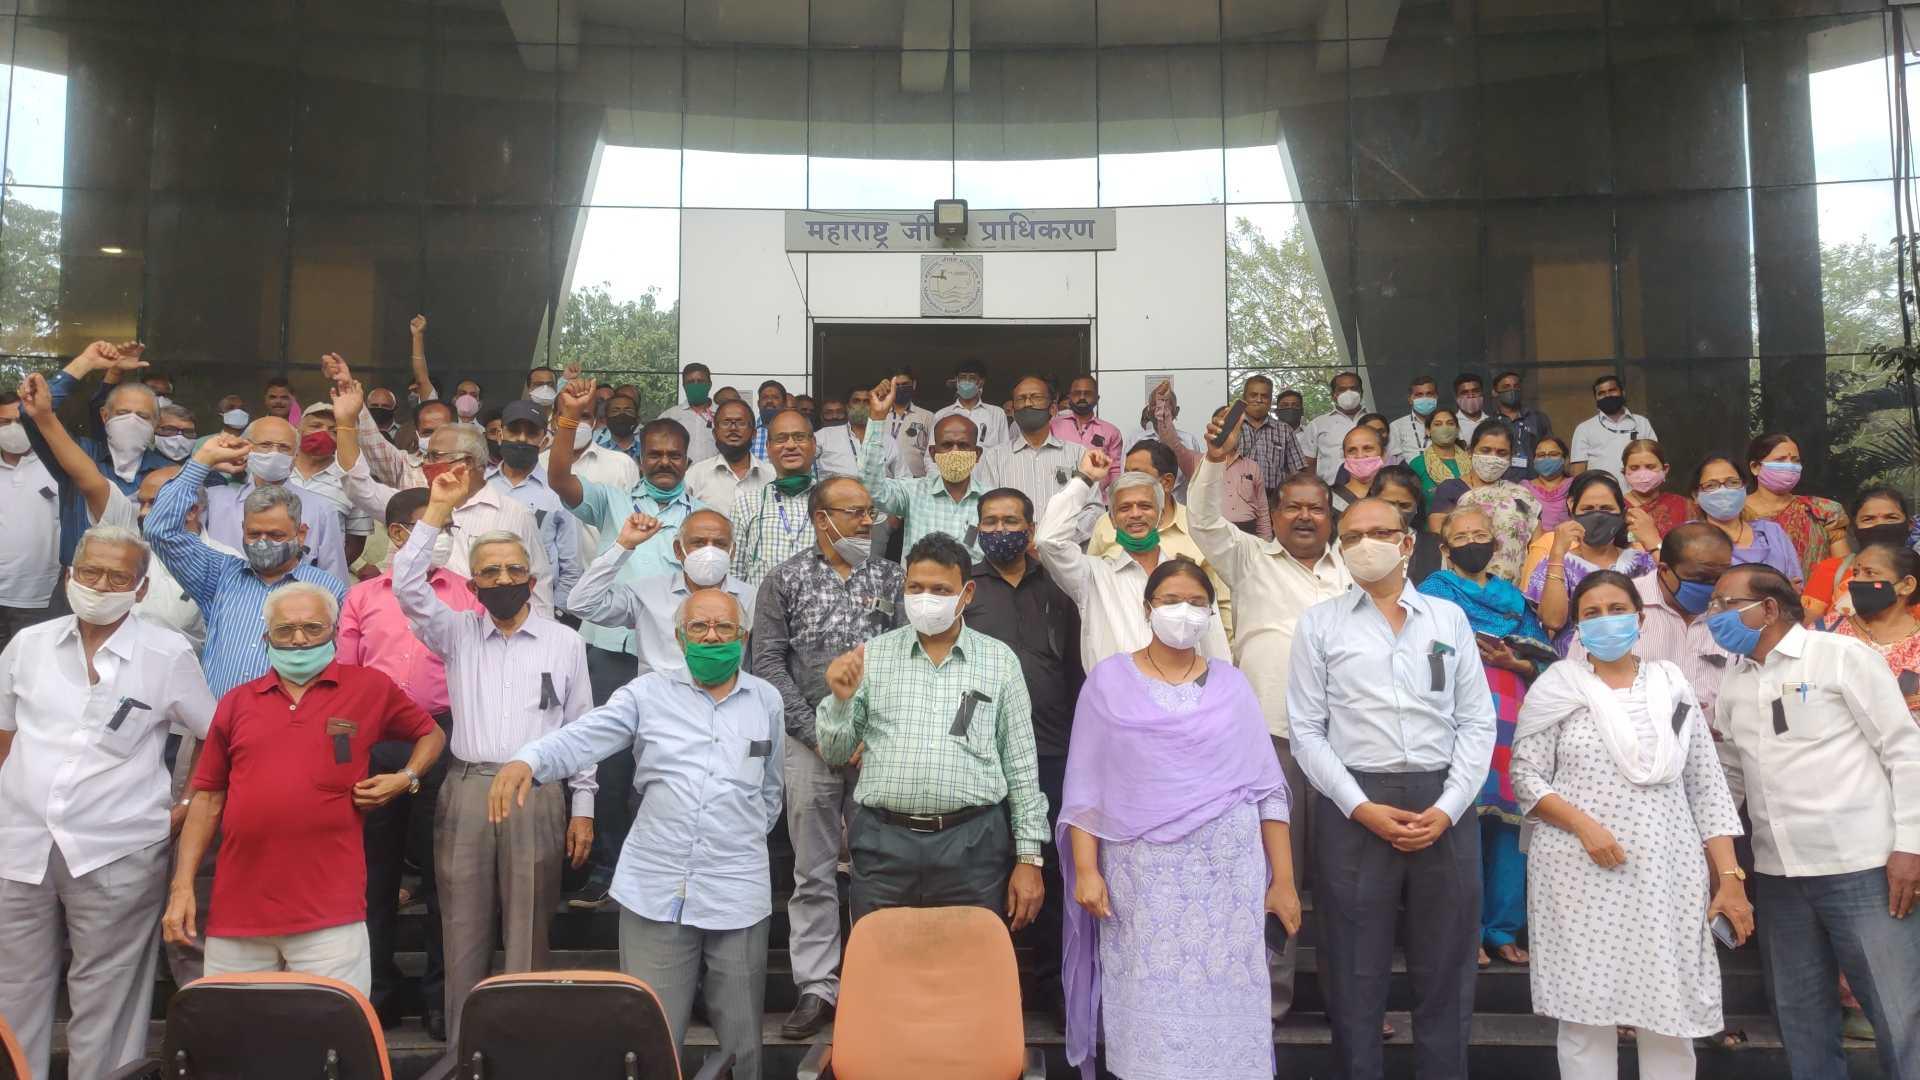 महाराष्ट्र जीवन प्राधिकरण अधिकारी, कर्मचाऱ्यांची सातव्या वेतन आयोगासाठी काळी फीत लावून निदर्शने